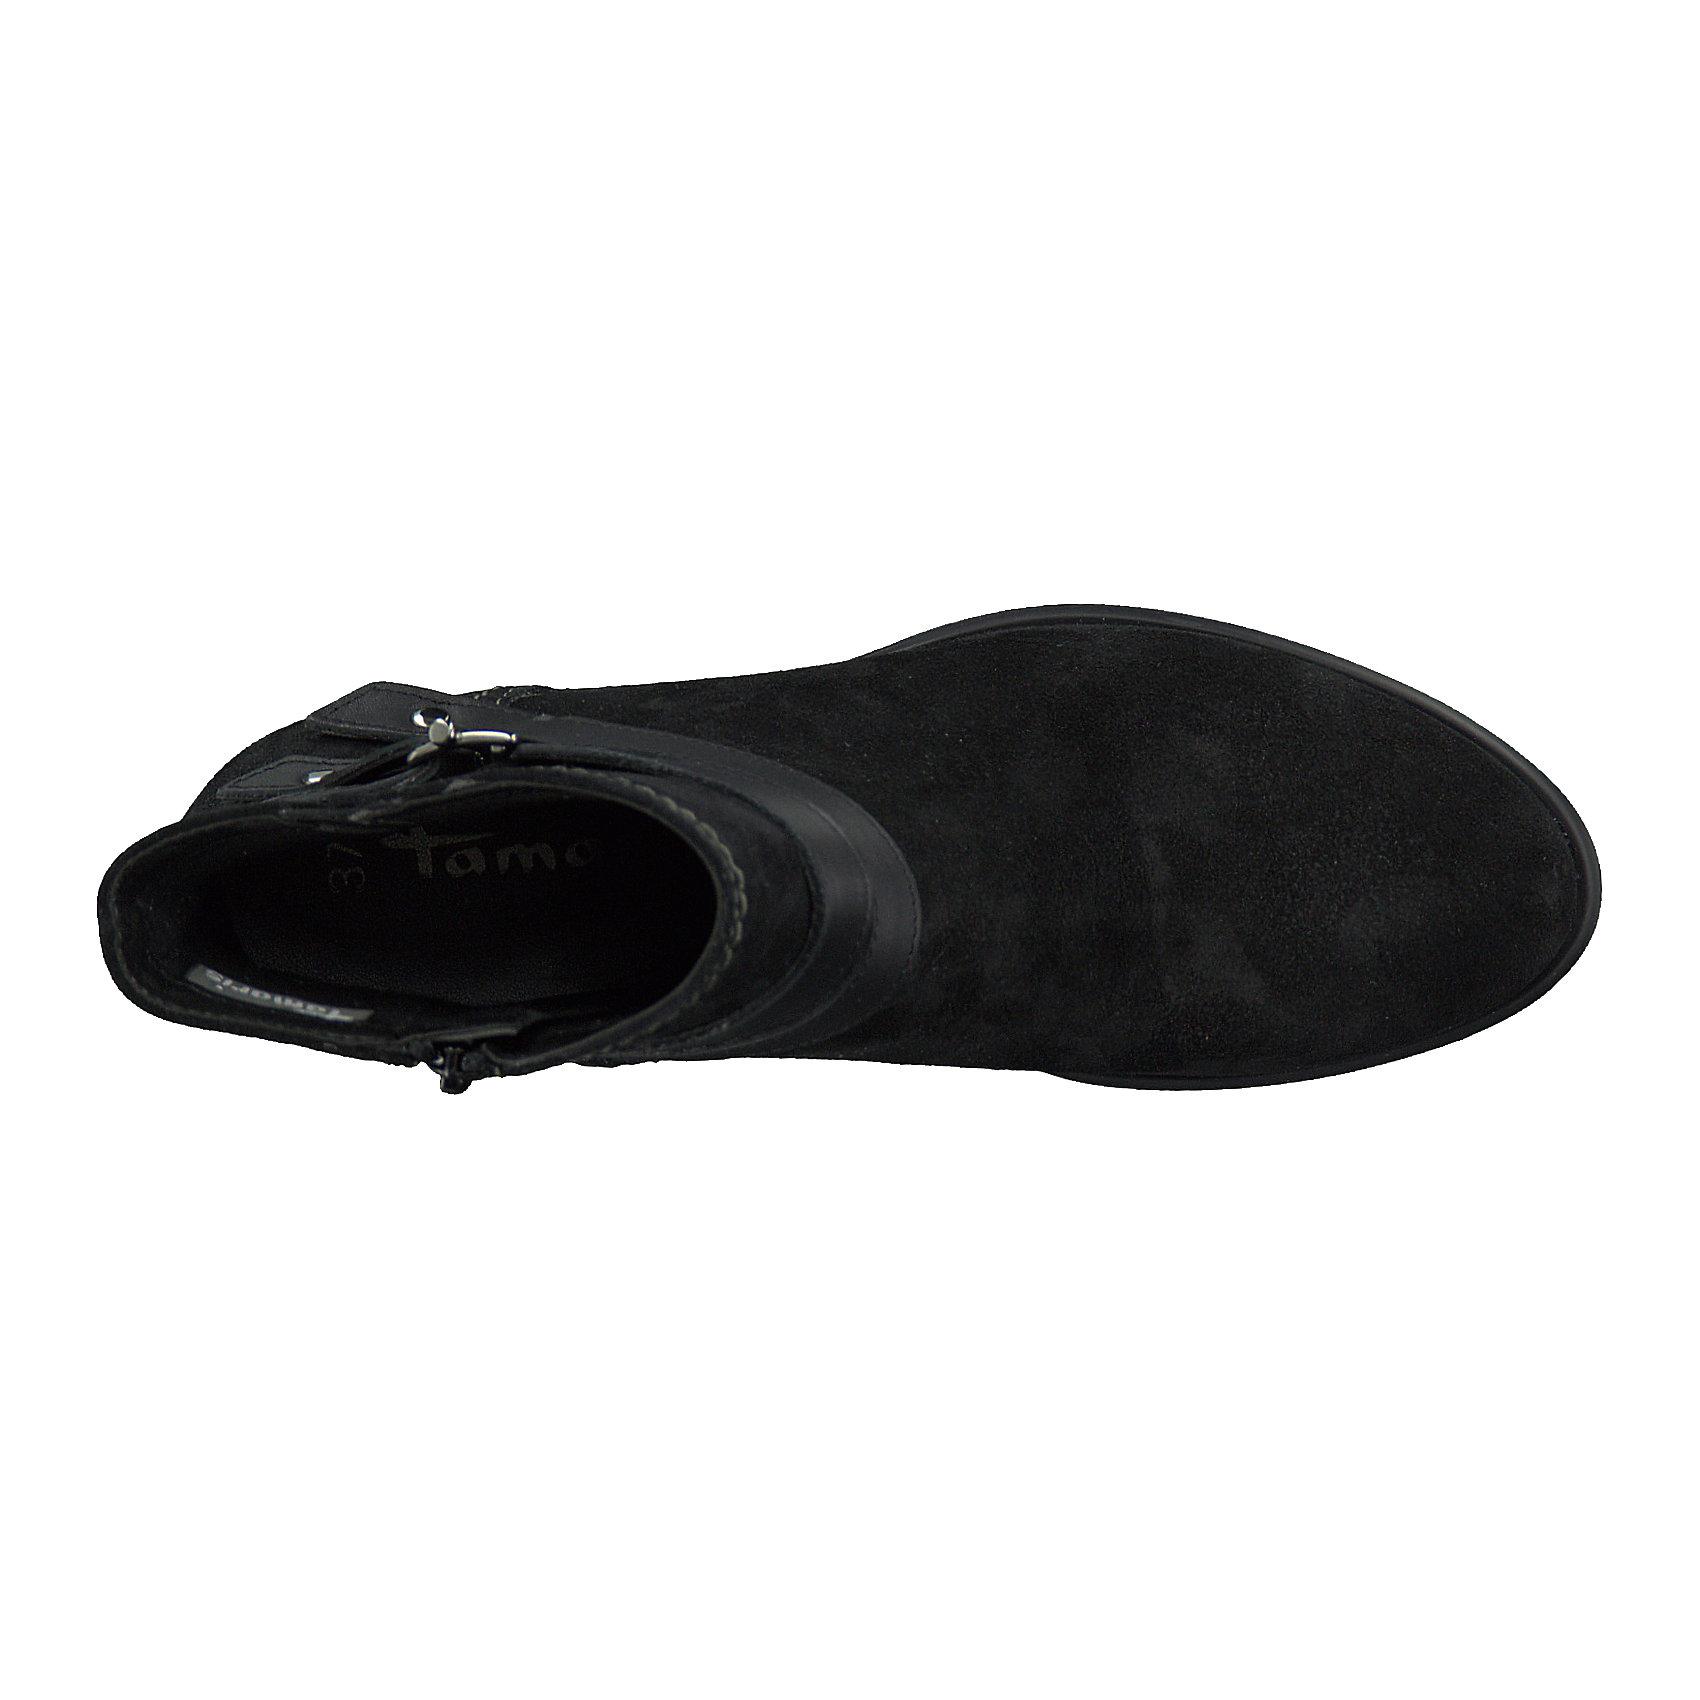 big sale c5f9f 35132 ... Nike Air Jordan Prime Flight Basketball Sneakers Sneakers Sneakers Gray  black mens sz 13 shoes 89a2cb ...